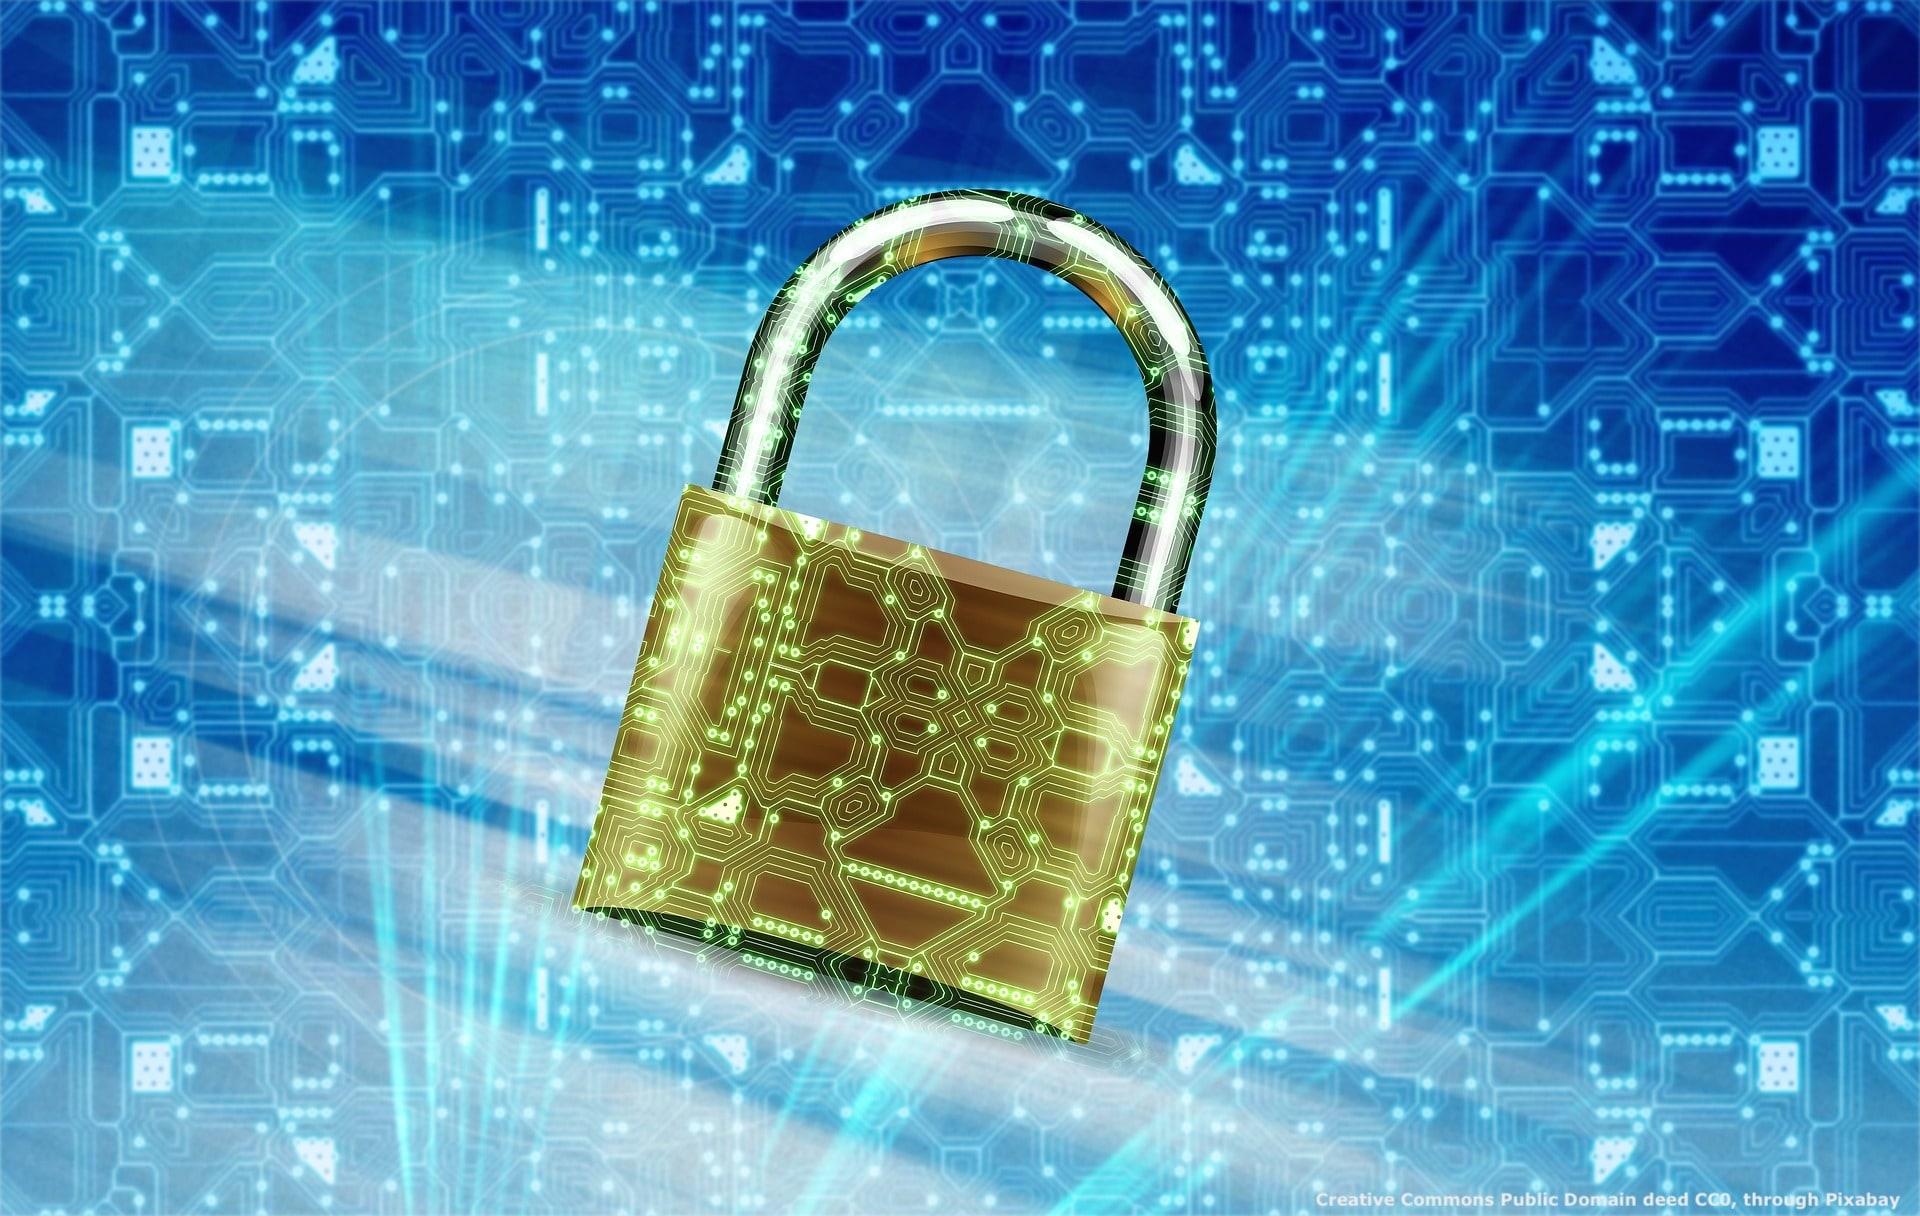 La cyber-security, o sicurezza informatica, e' un elemento fondamentale di Societa' 5.0